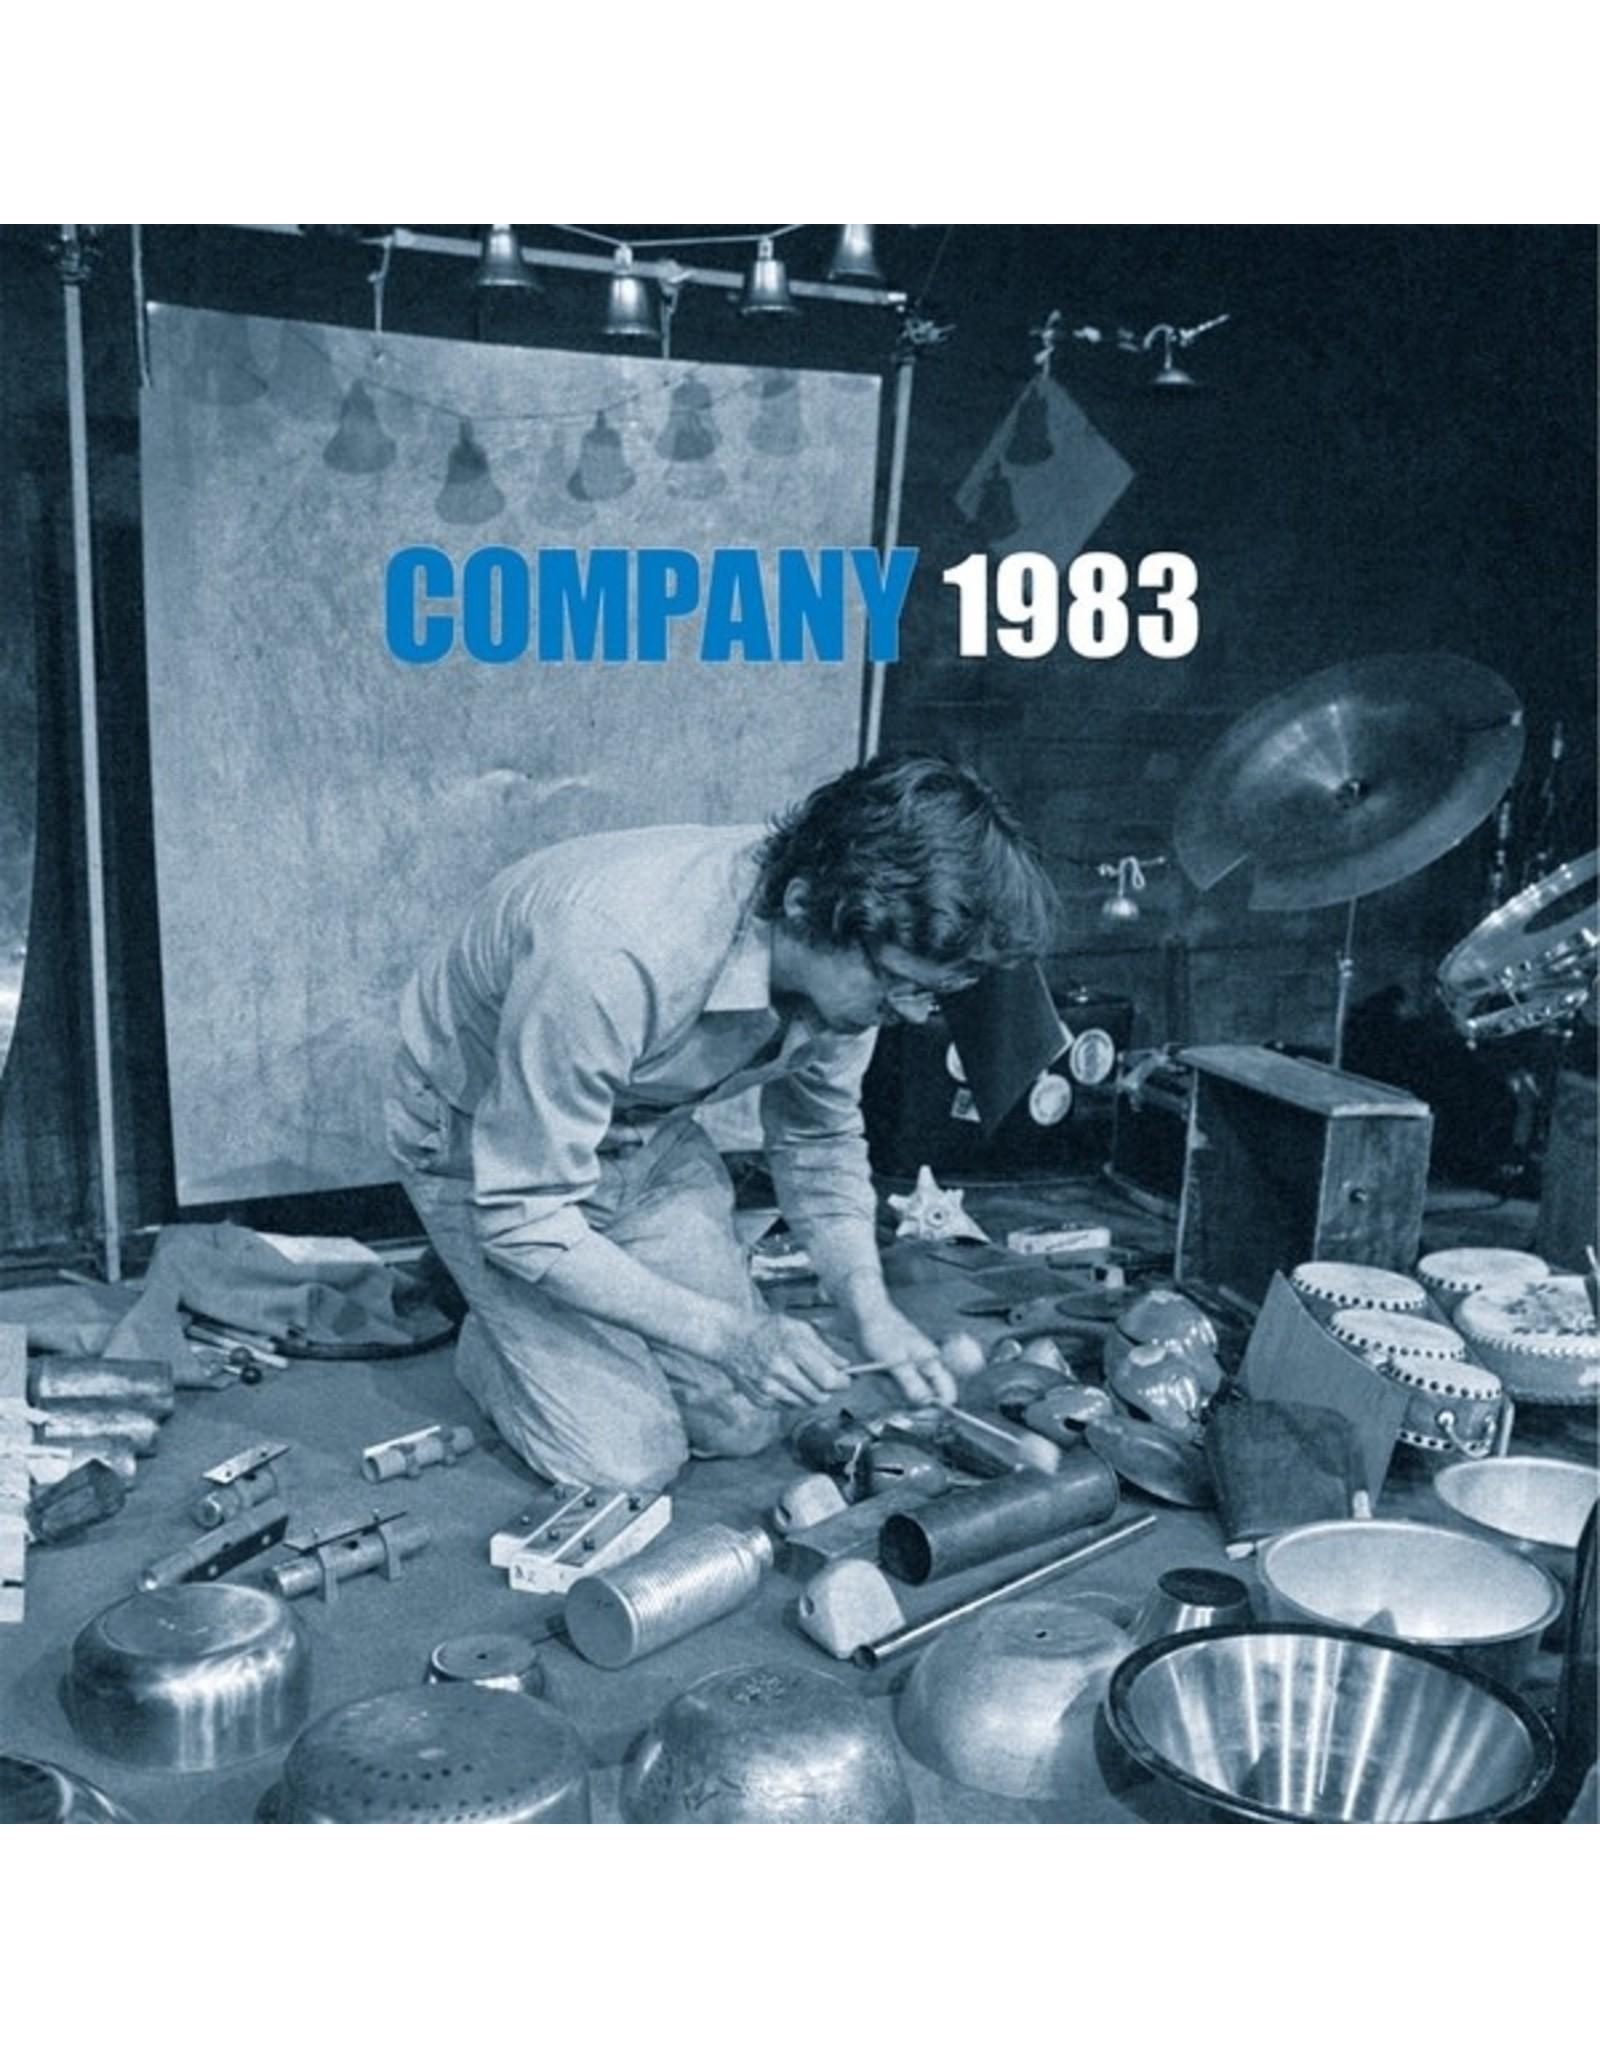 Honest Jon's Company: 1983 2LP